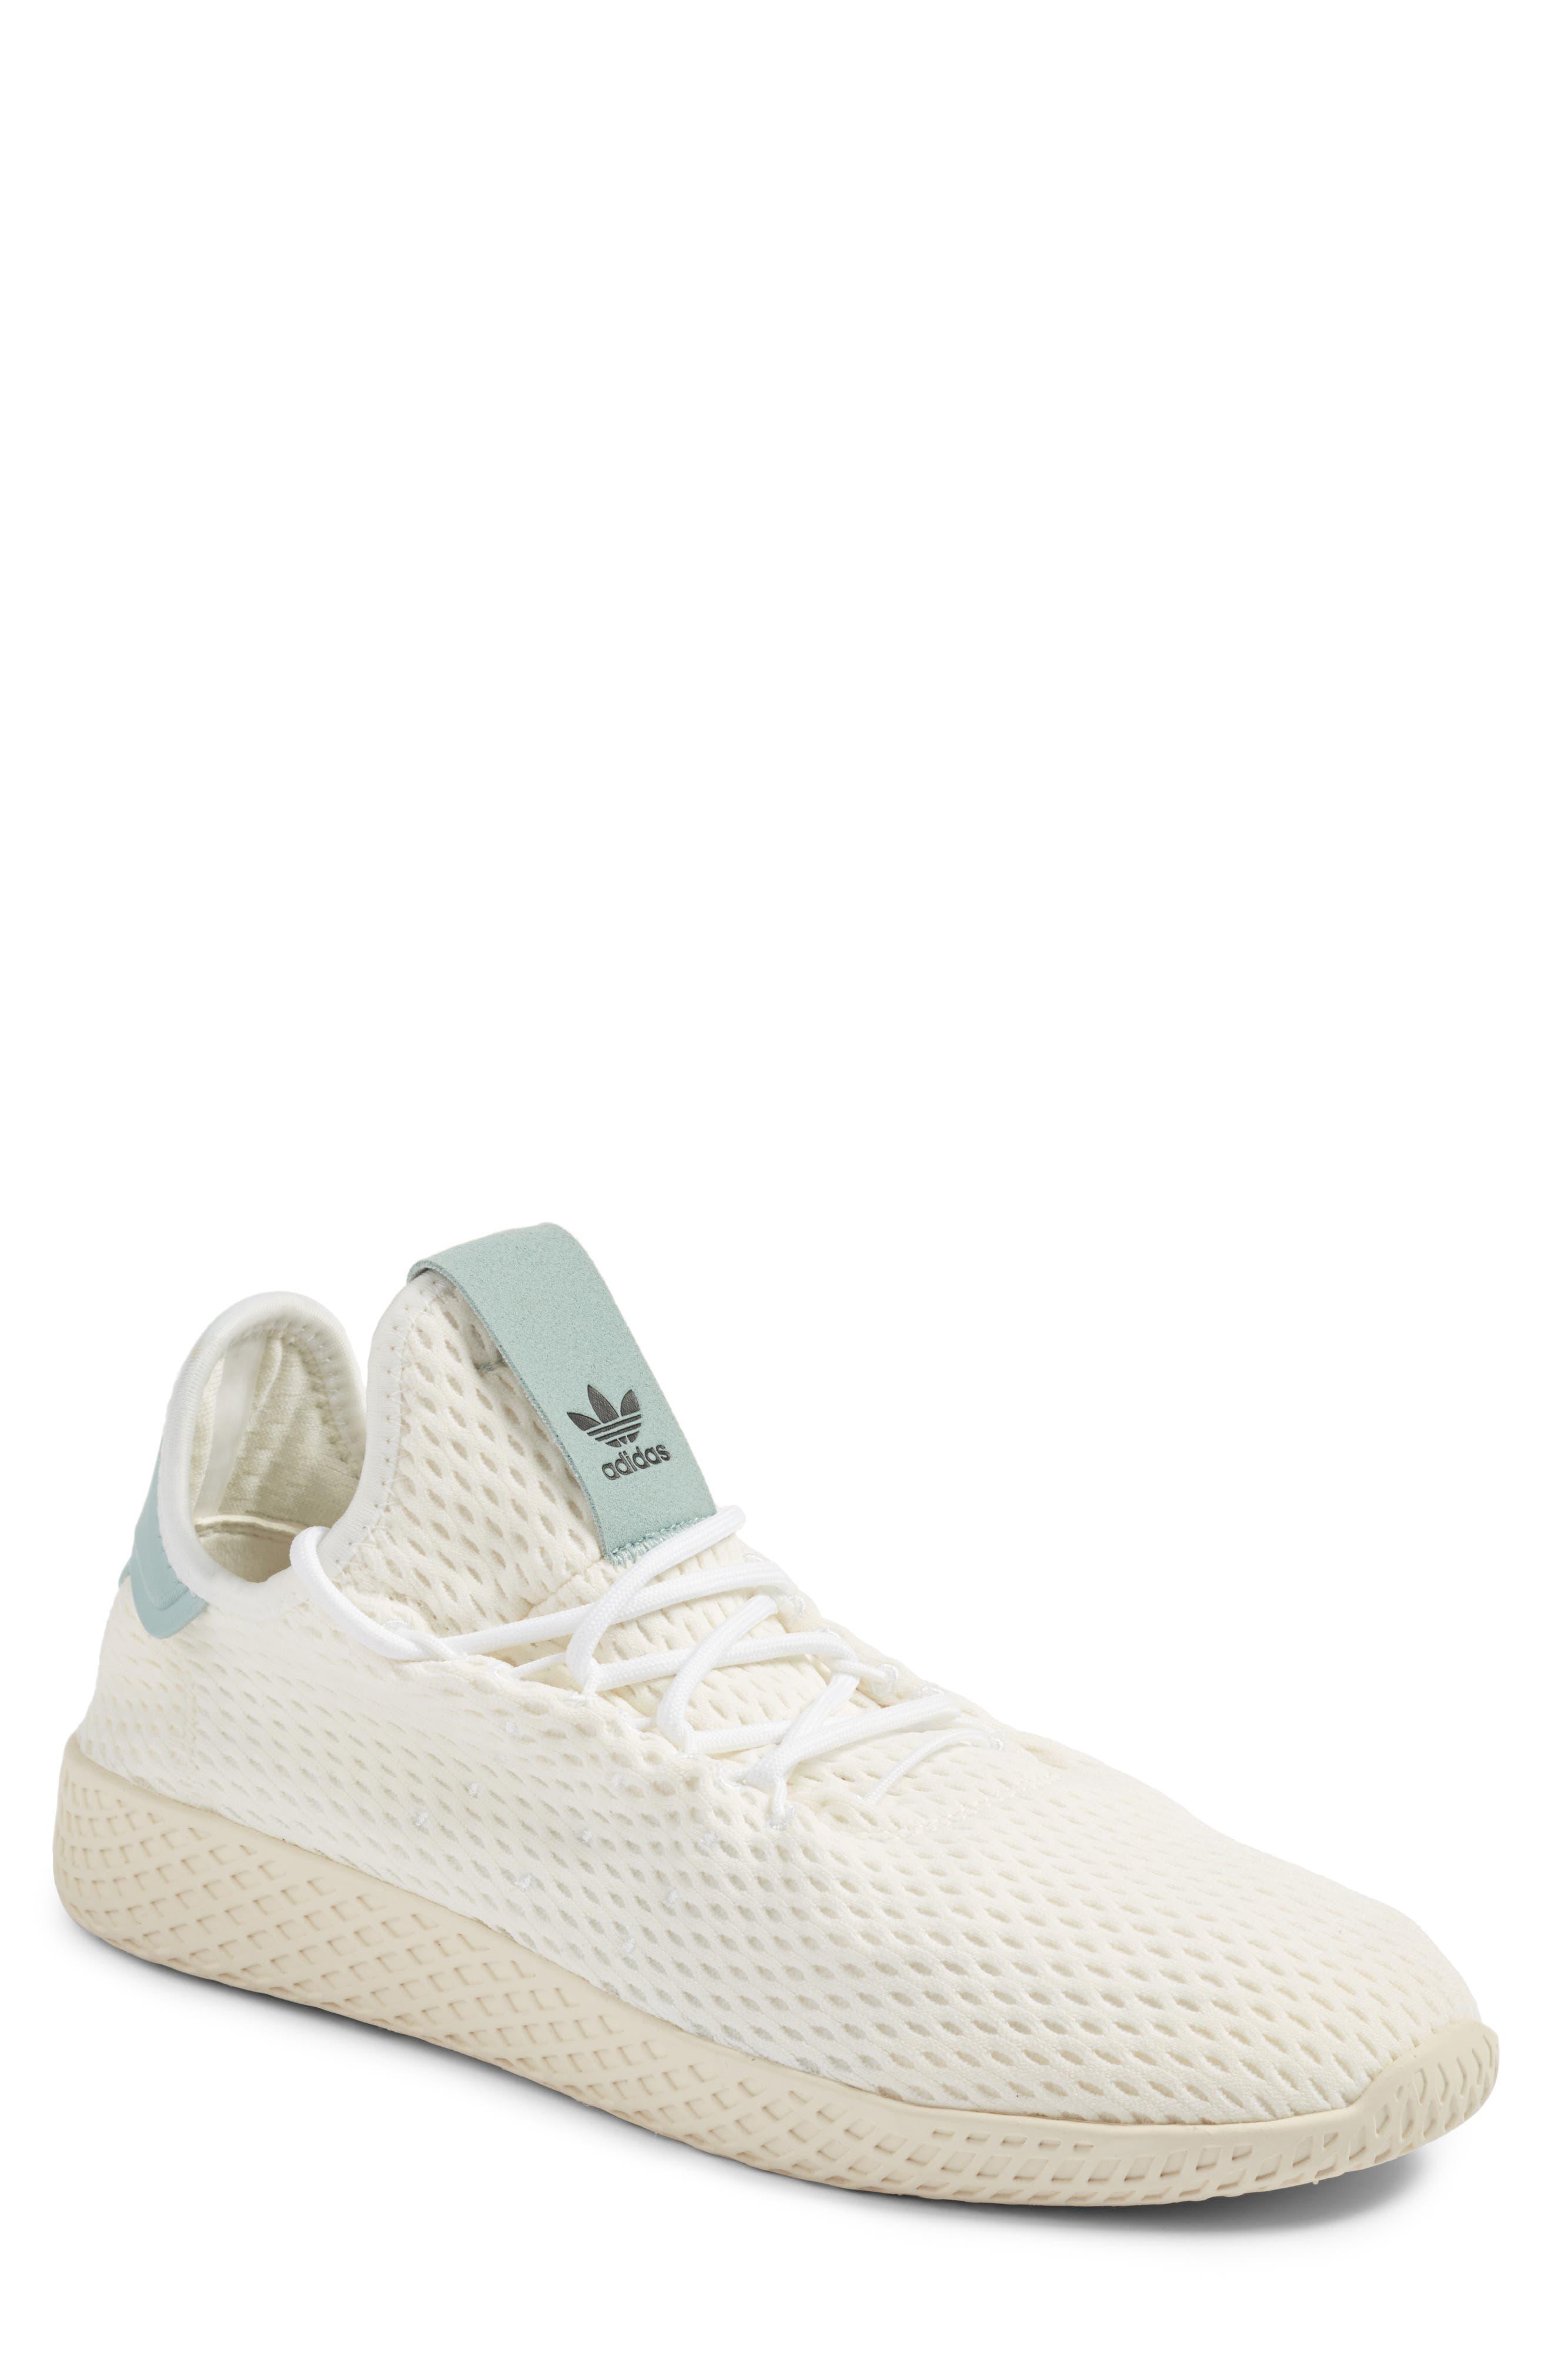 Alternate Image 1 Selected - adidas Originals x Pharrell Williams Mesh Sneaker (Men)